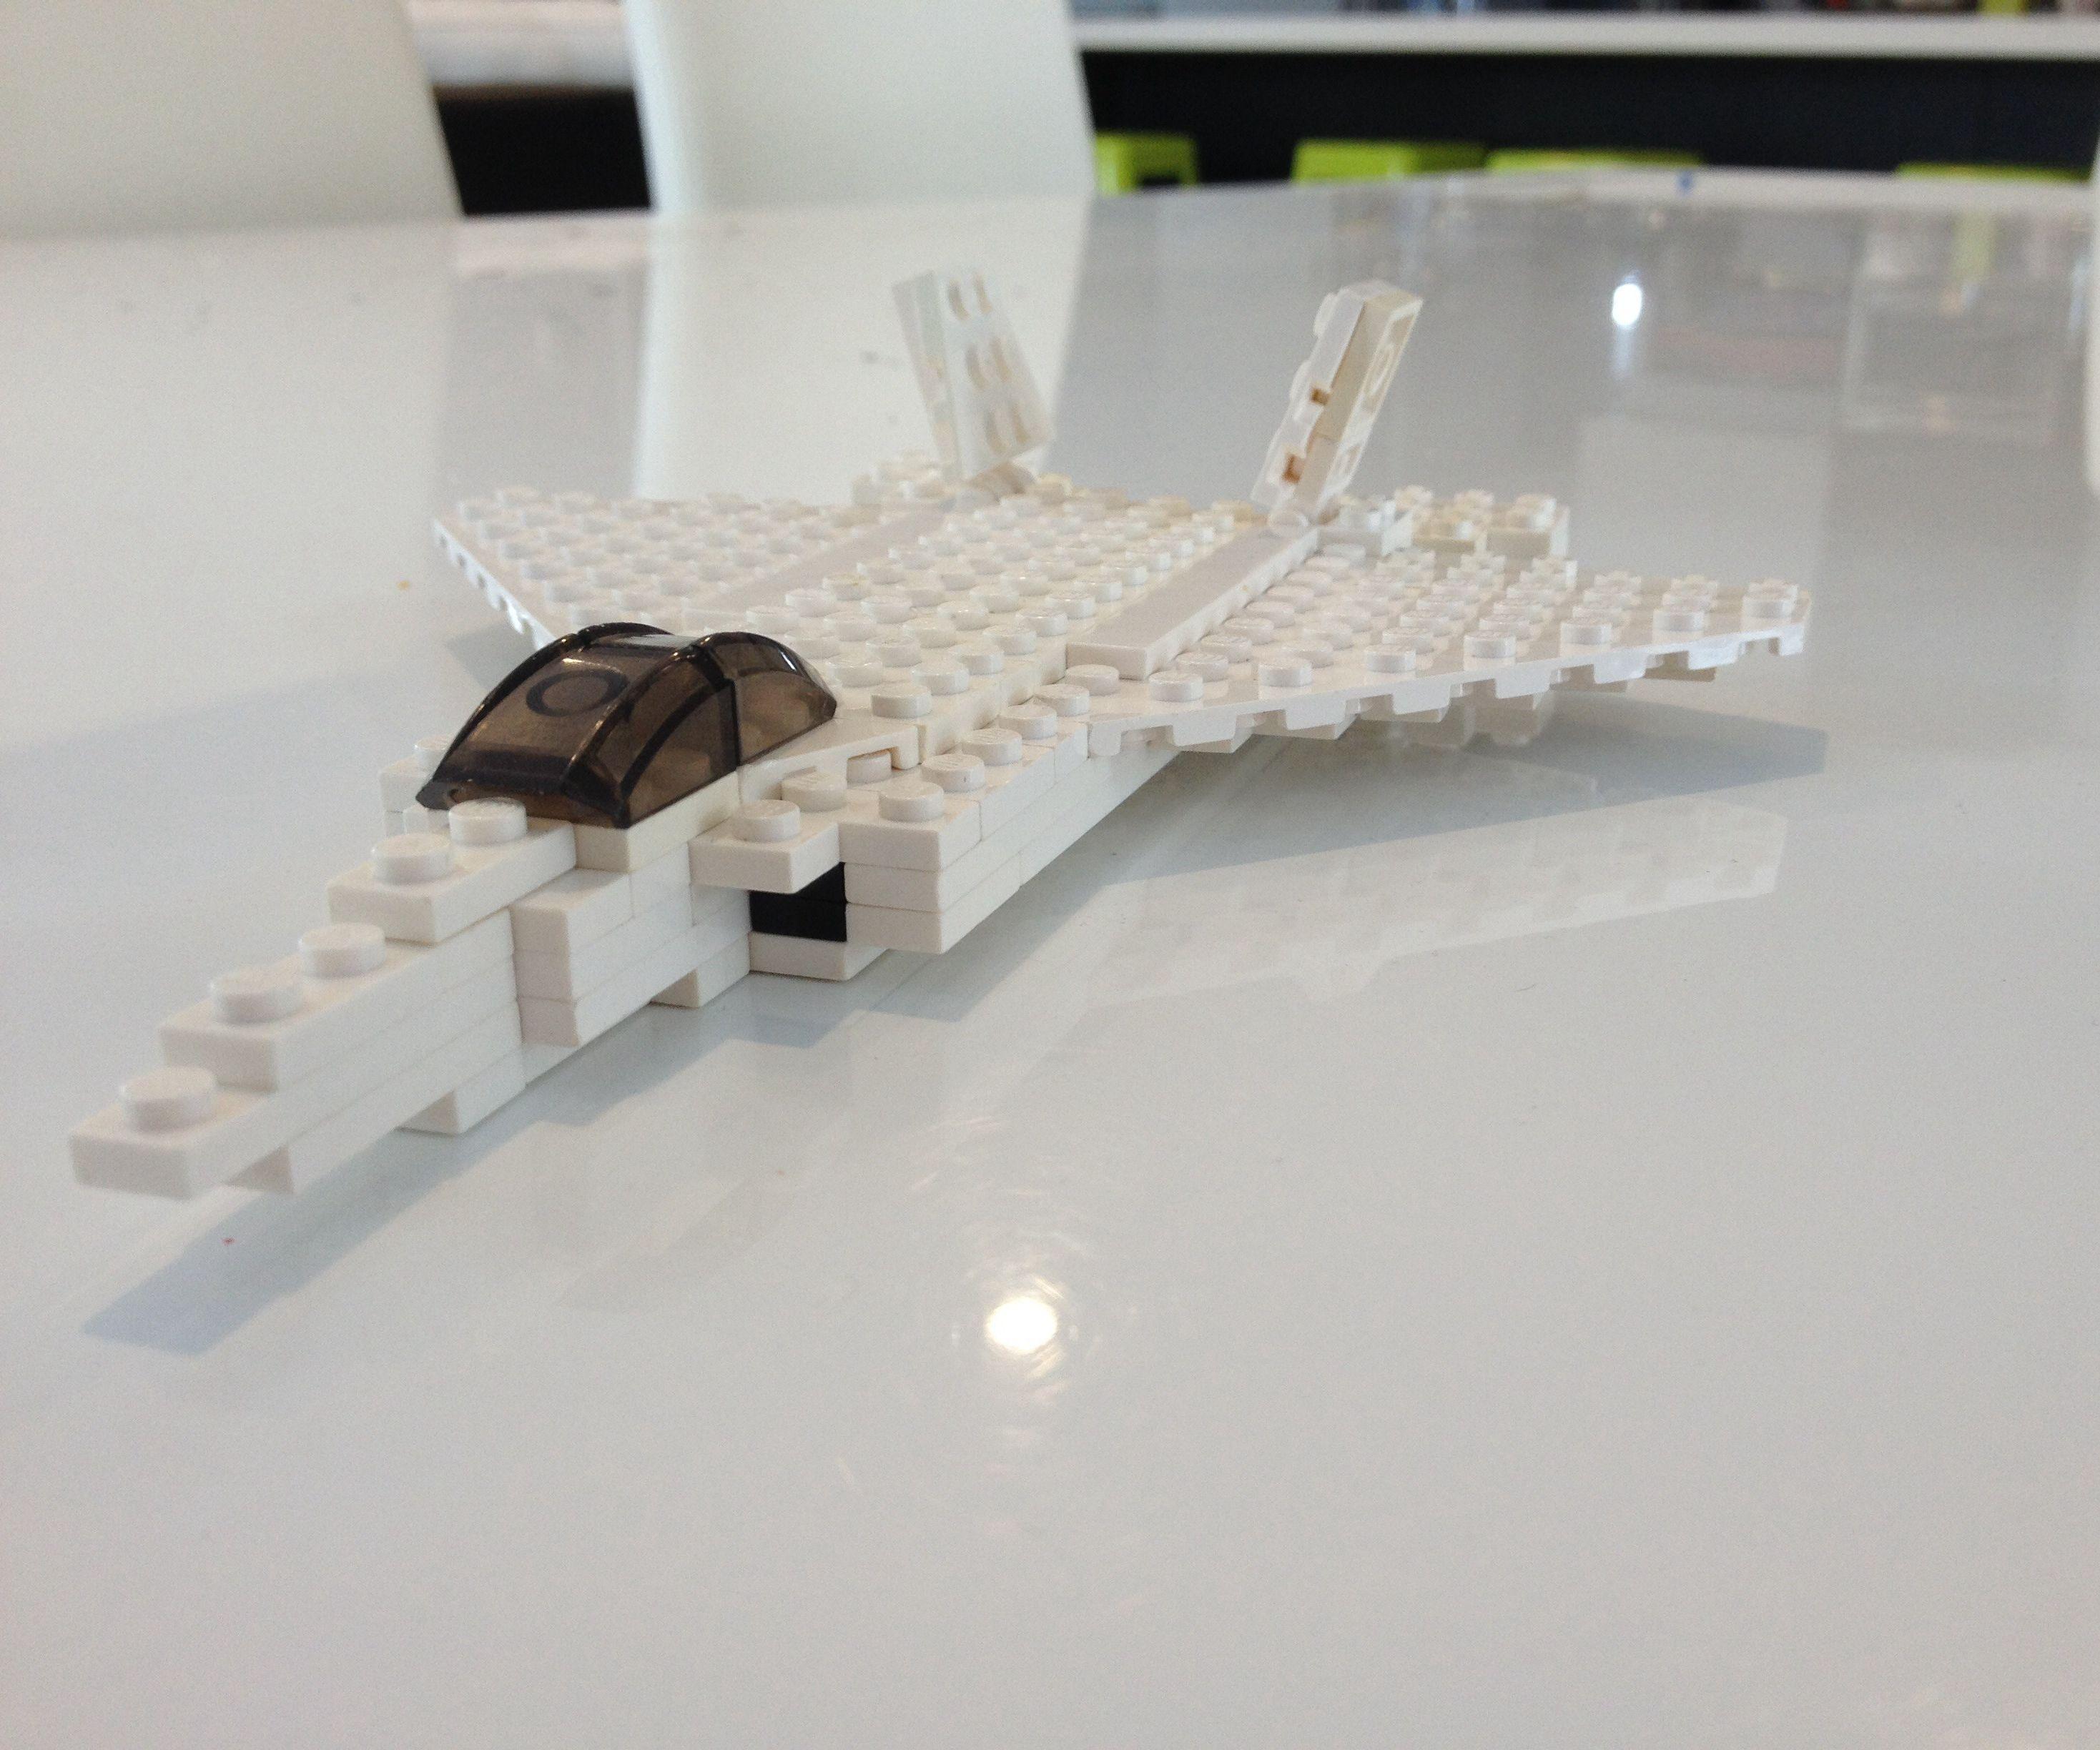 Lego F-22 Raptor